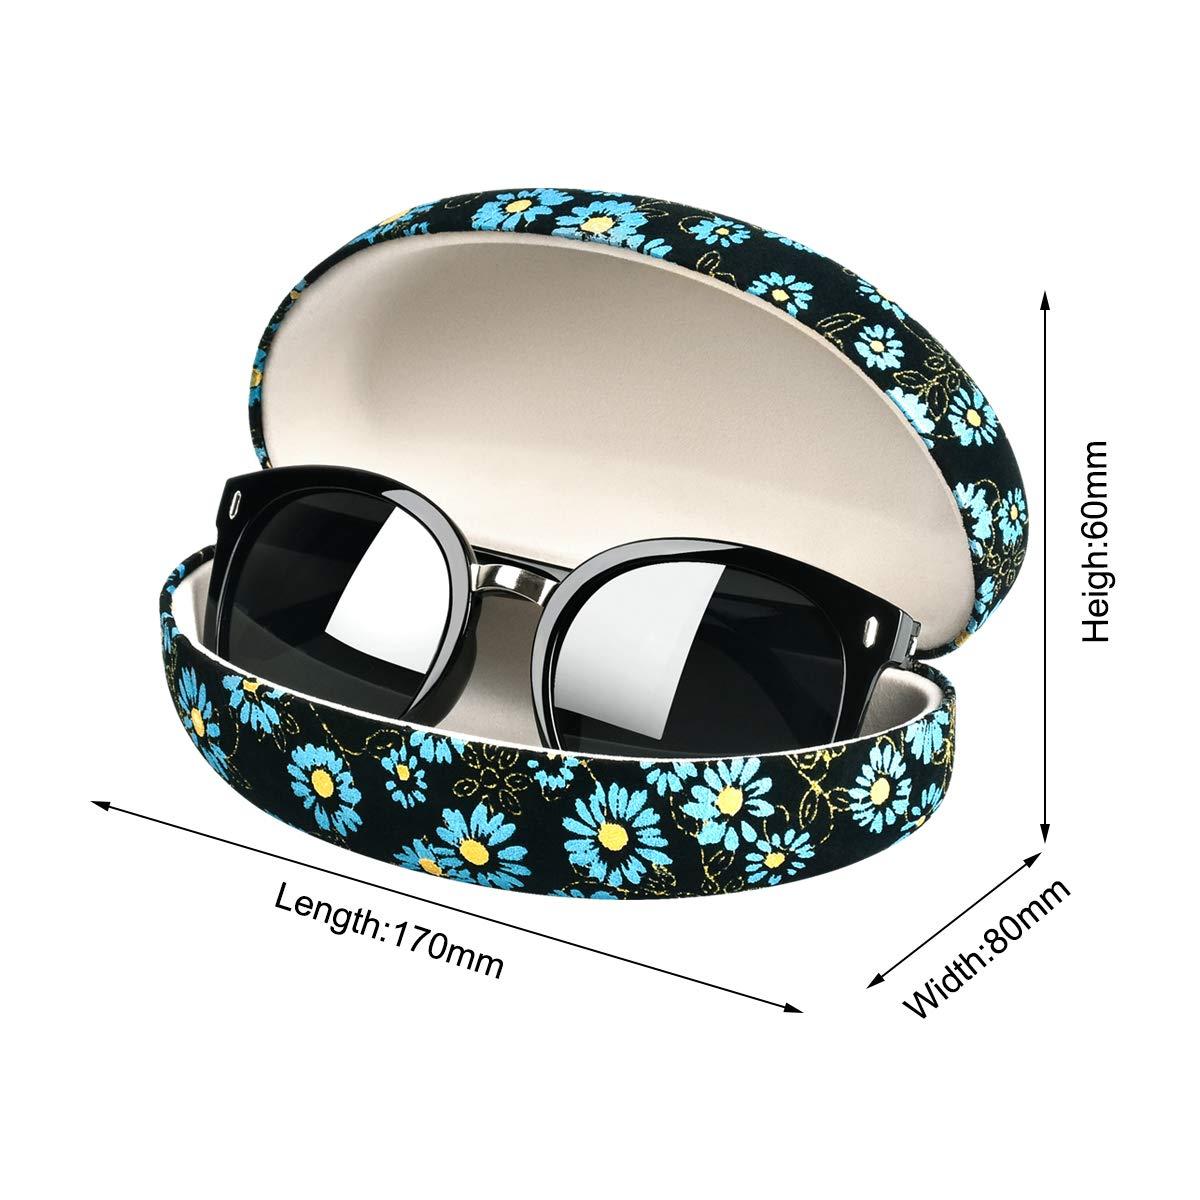 con panno Custodia per occhiali da sole extra large leggera con supporto protettivo per occhiali di grandi dimensioni rigida